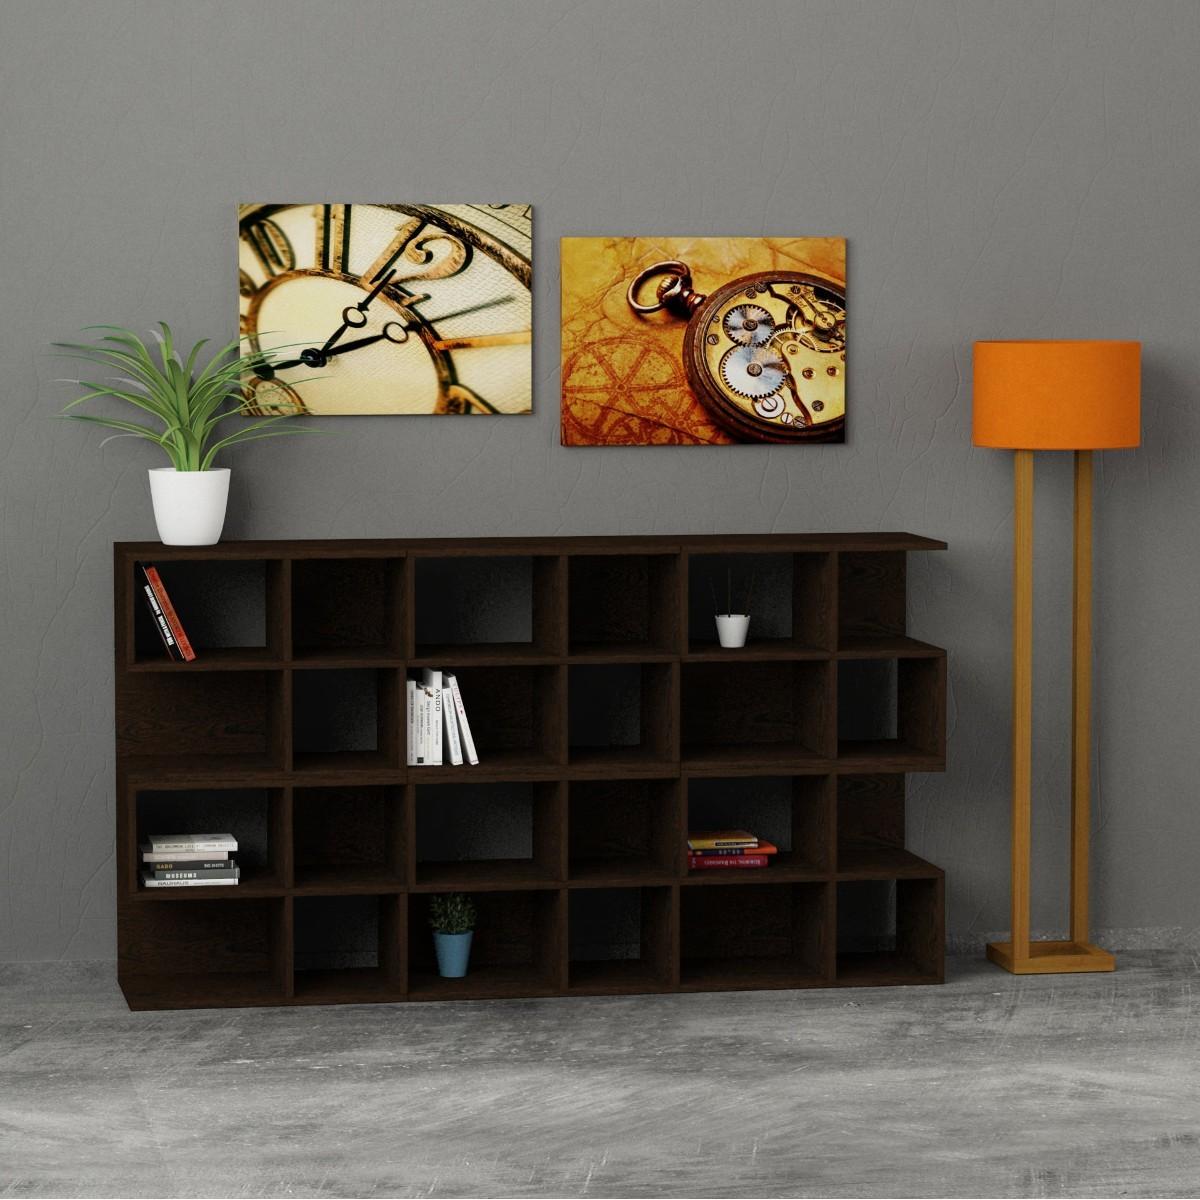 Premiere libreria da soggiorno in legno a forma di scala - Soggiorno in legno ...